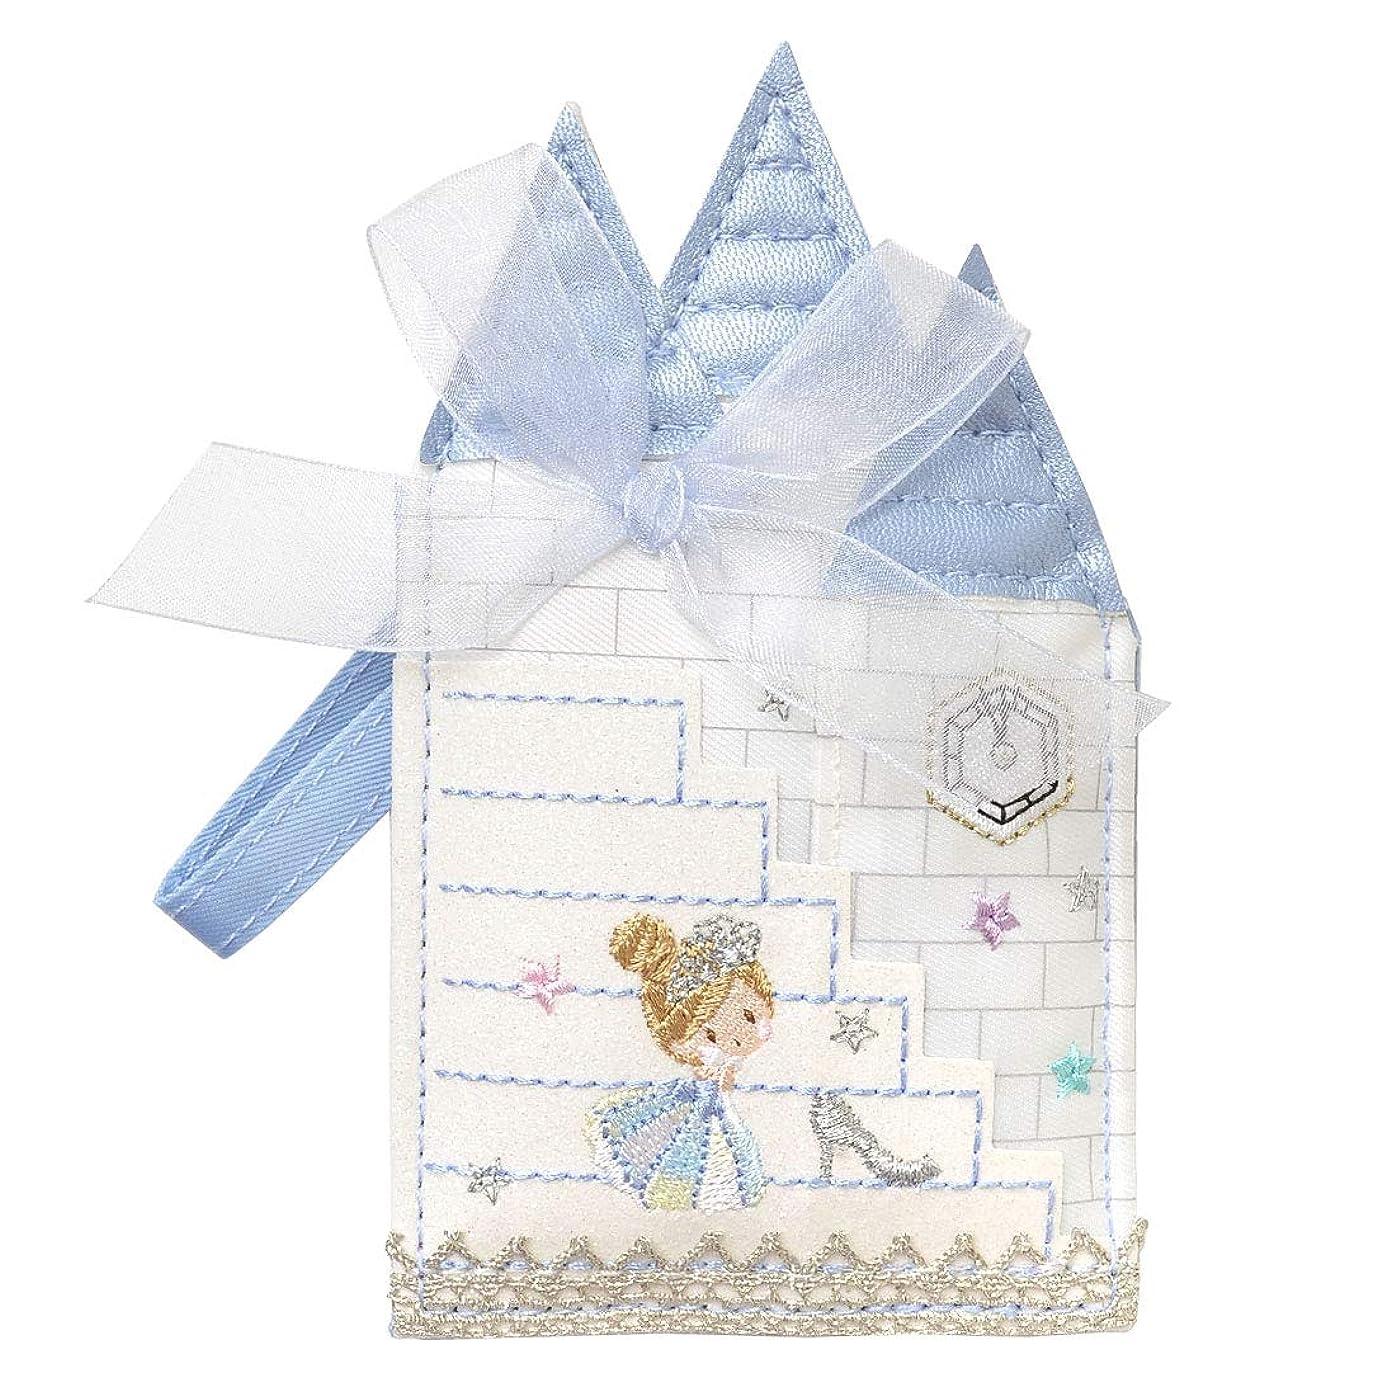 ぬいぐるみ貝殻閲覧するパスケース リール付き 定期入れ レディース プリンセス Fairy Tale フェアリーテール かわいい キャラクター 刺繍 ダイカット 型抜き 女性